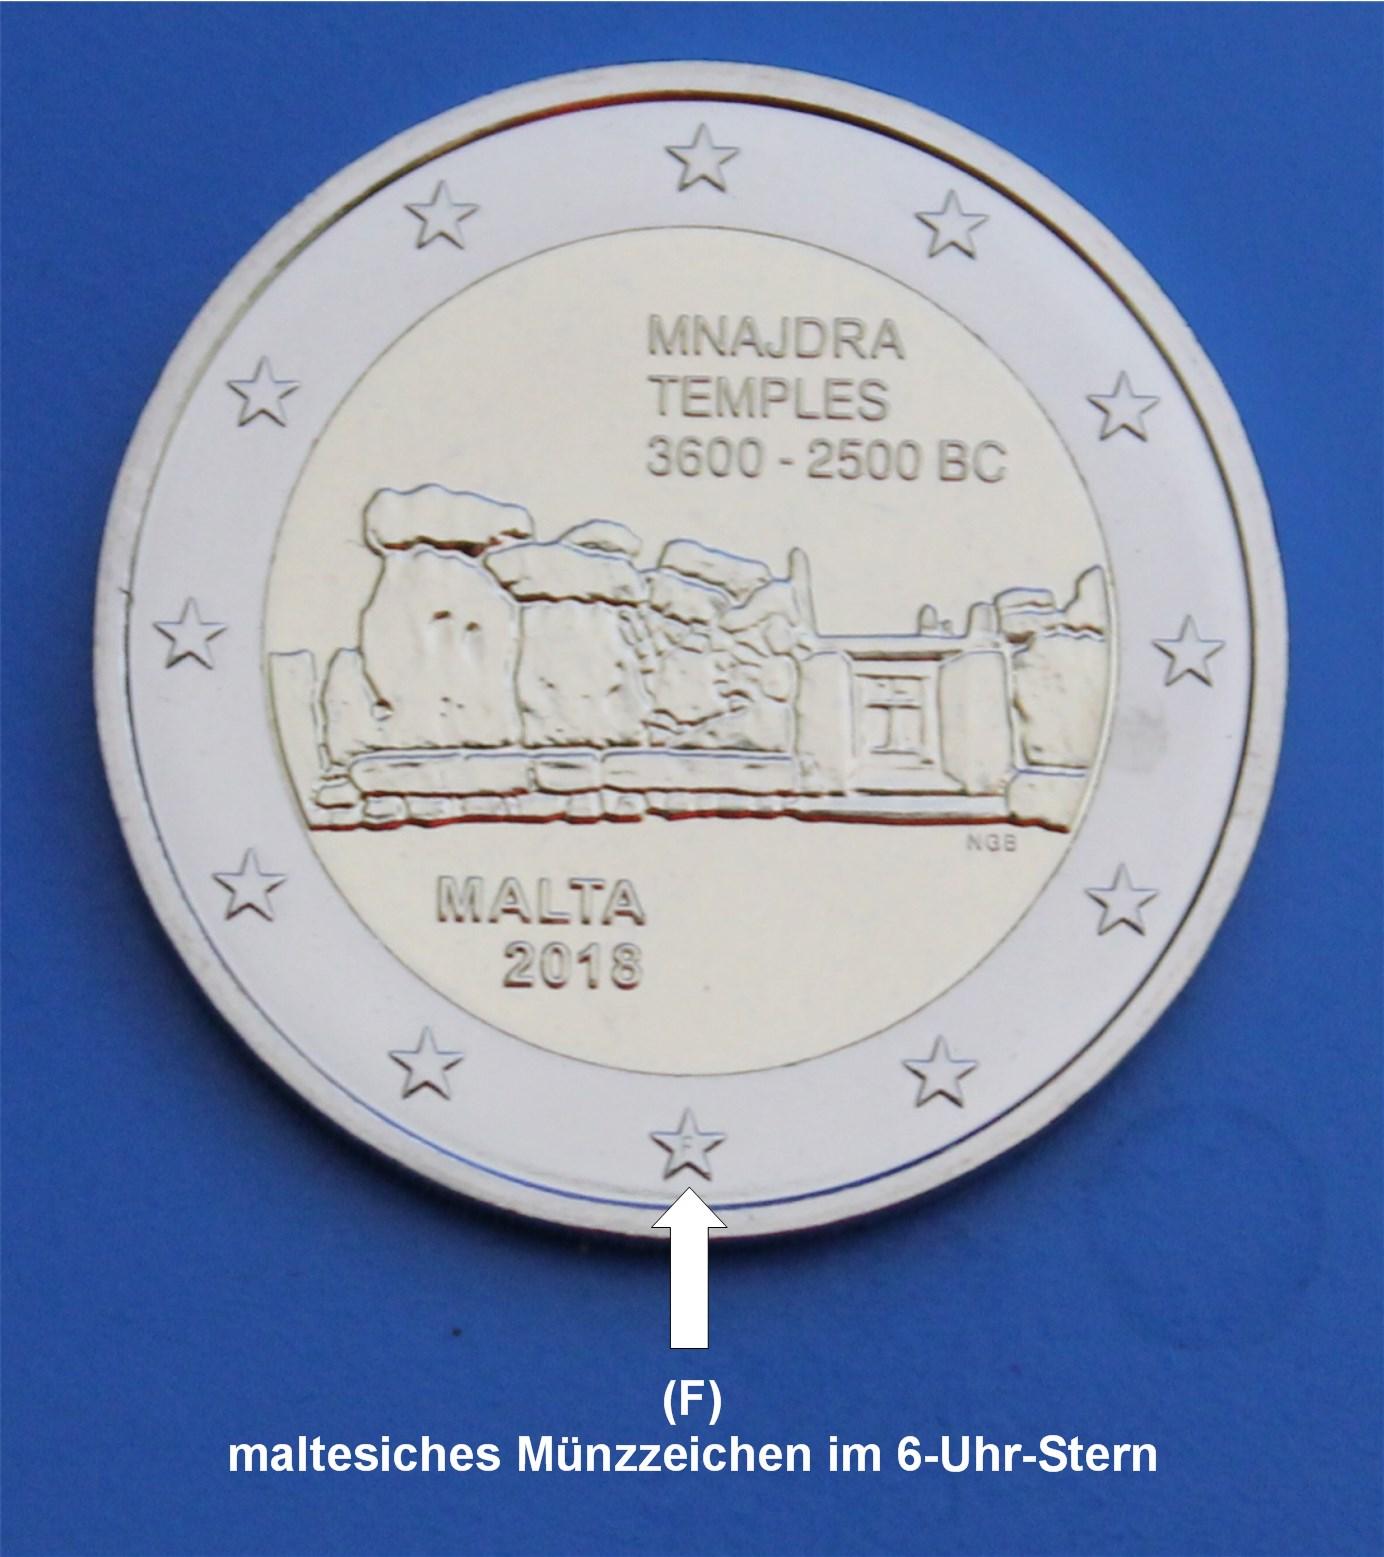 2 Euro Malta 2018 Mnajdra F Münzzeichen